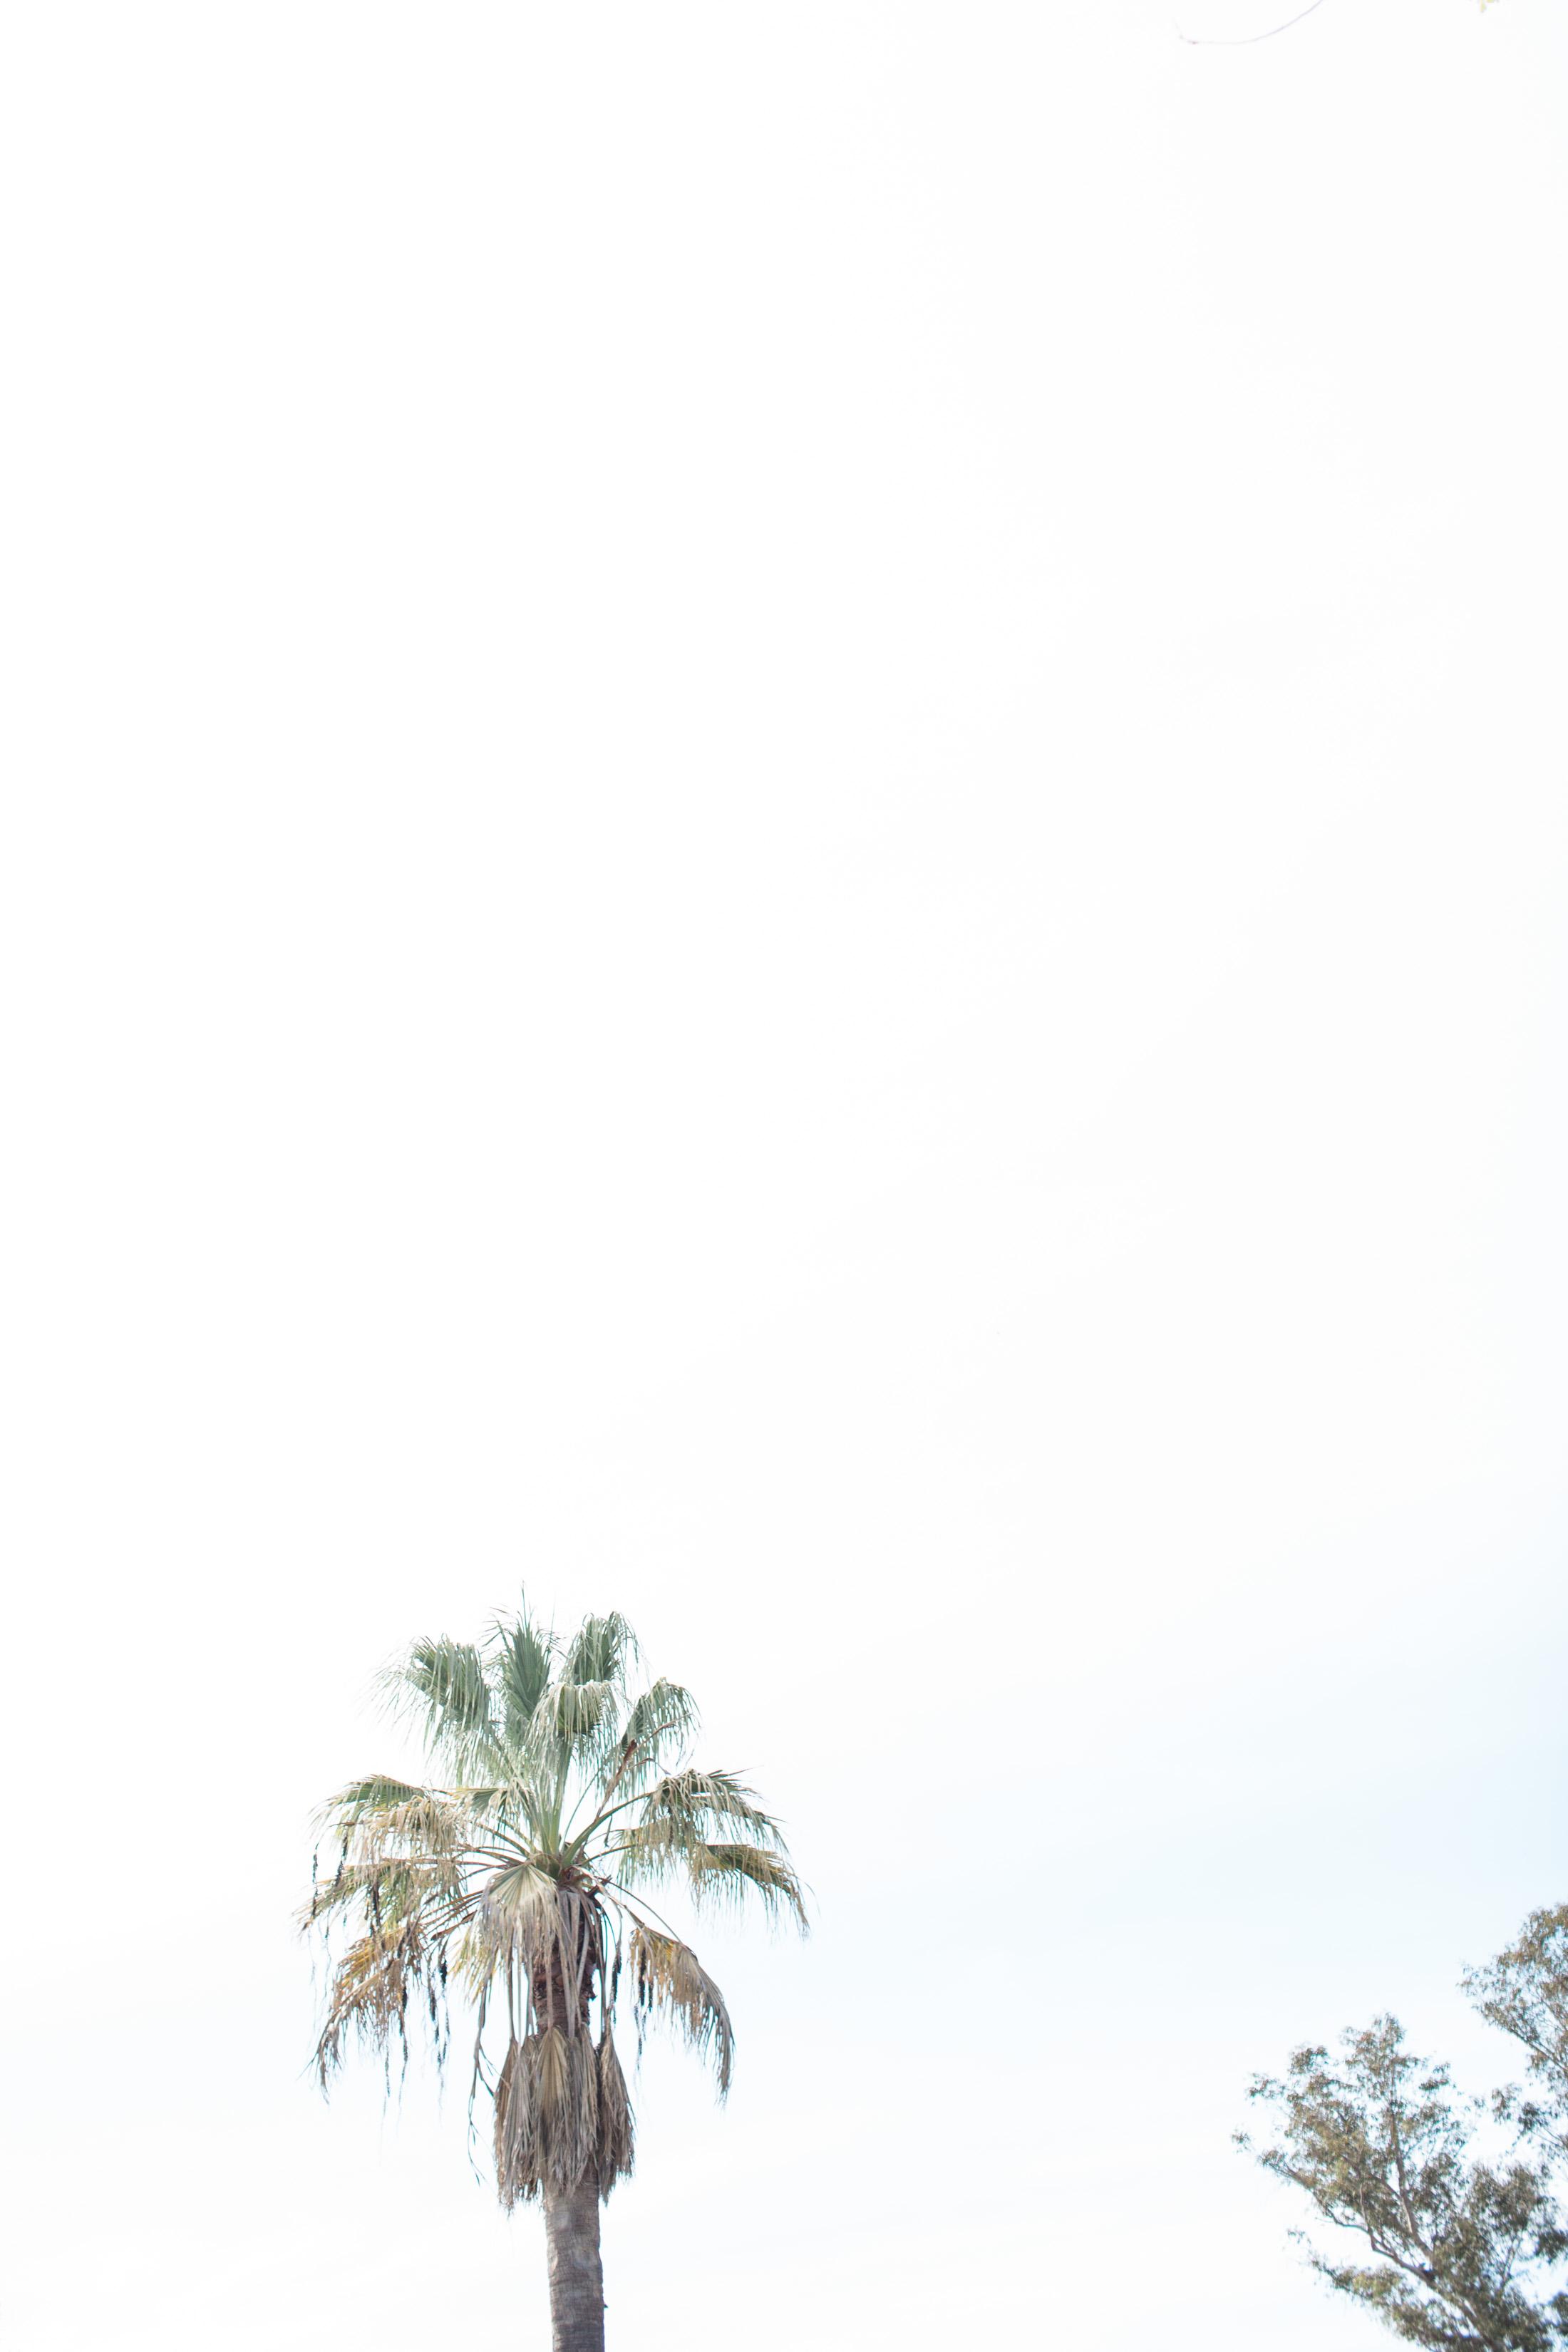 Cira&Max_Farmstead-39.jpg